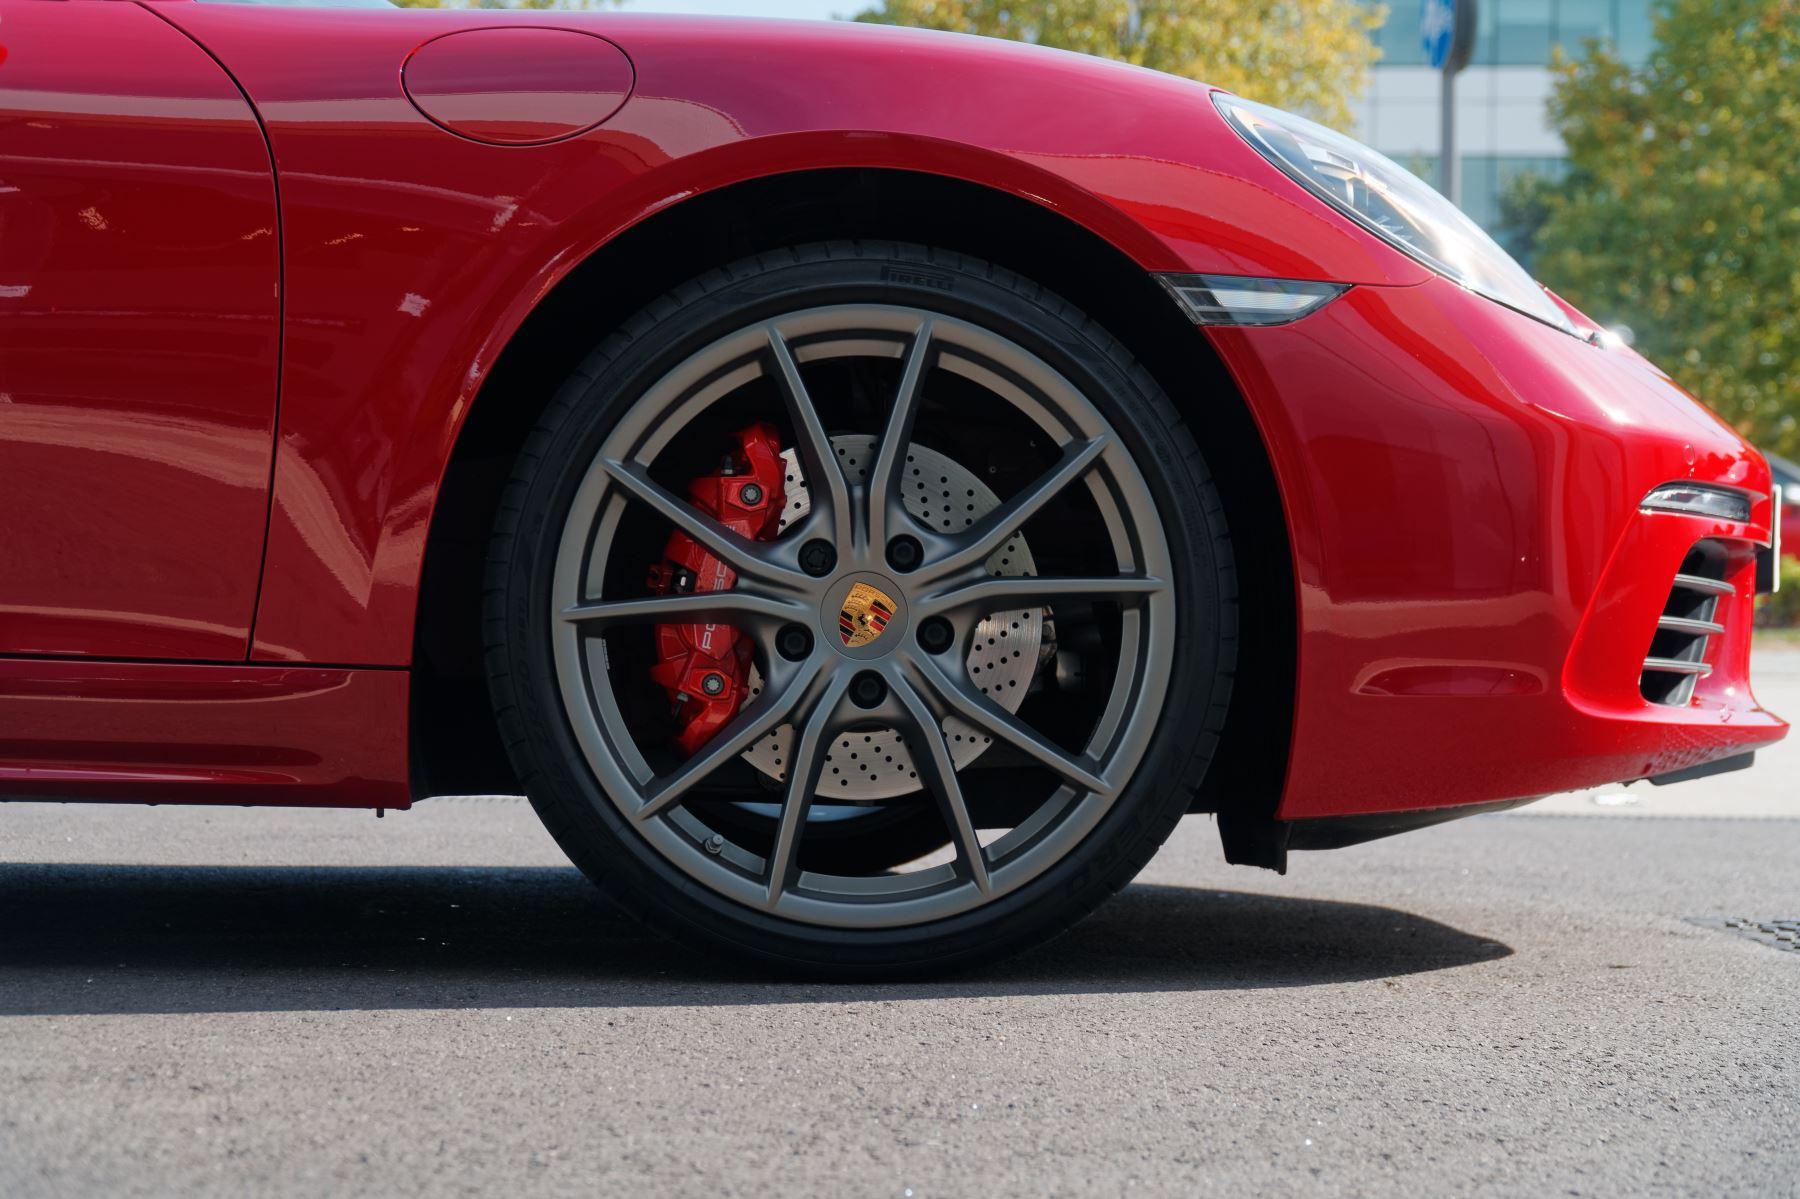 Porsche Boxster S image 8